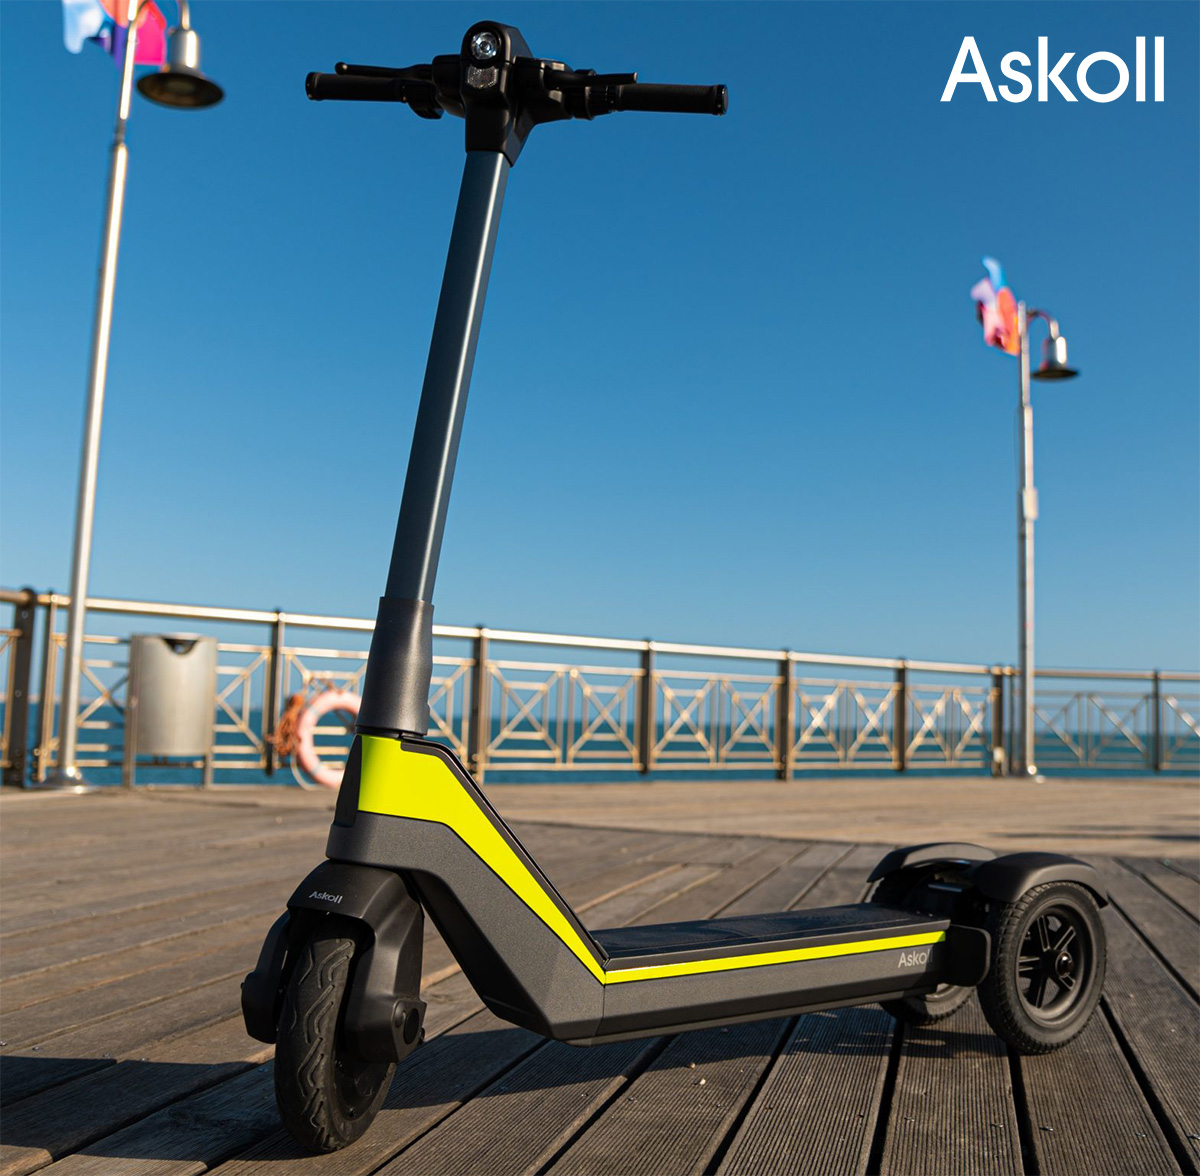 Il monopattino Askoll e.sco parcheggiato su un pontile